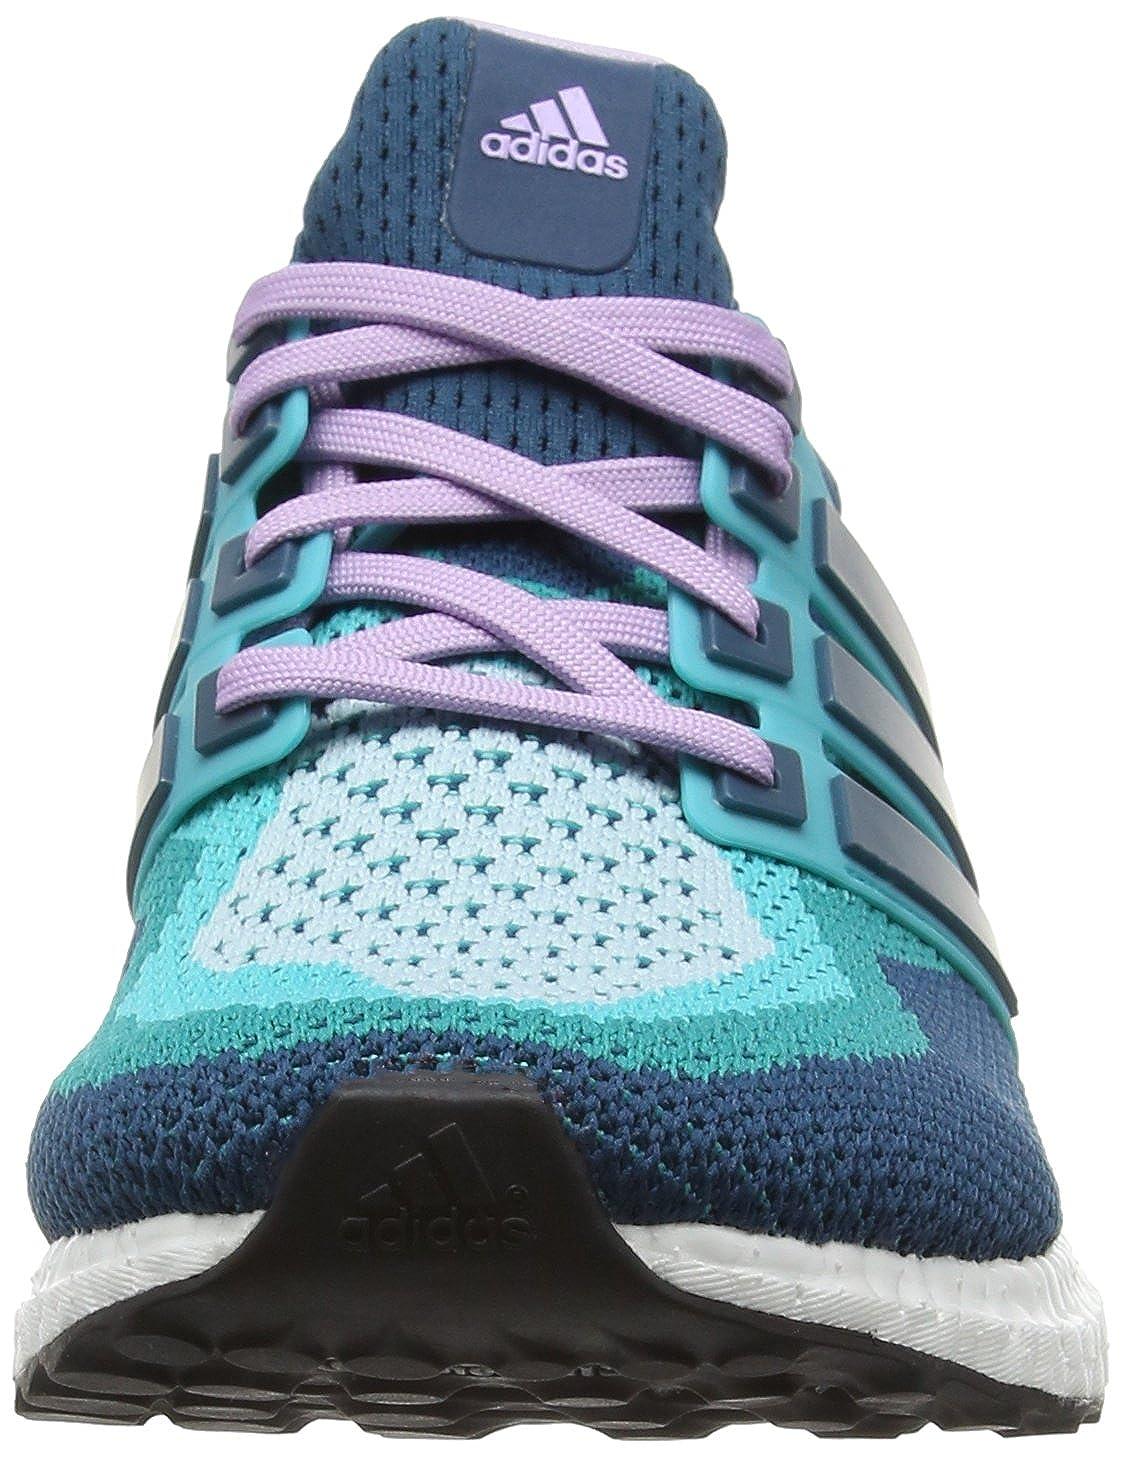 hot sale online 501f2 d9b02 adidas Damen Ultra Boost Laufschuhe, Schwarz Amazon.de Schuhe   Handtaschen